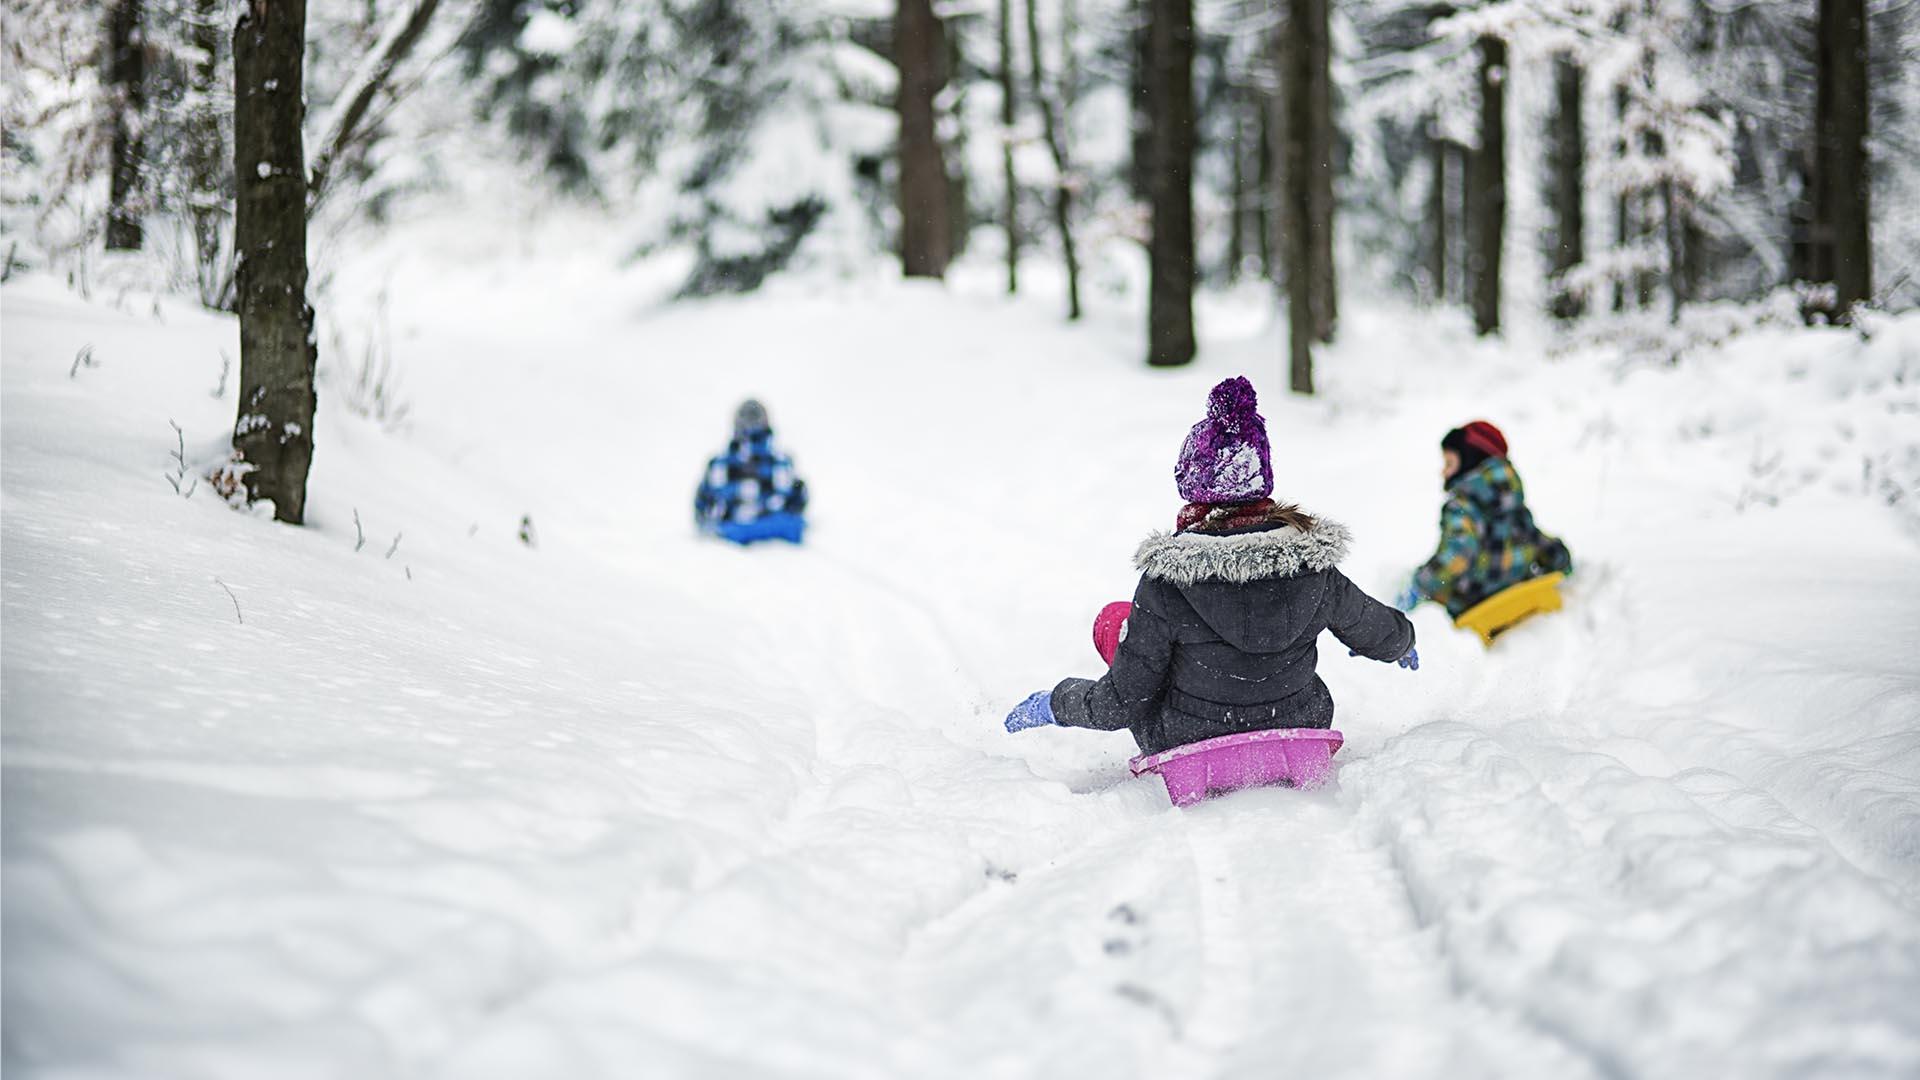 Ulkoilun iloa talvella – luistelun jatkotaso, kaari- ja takaperinluistelu